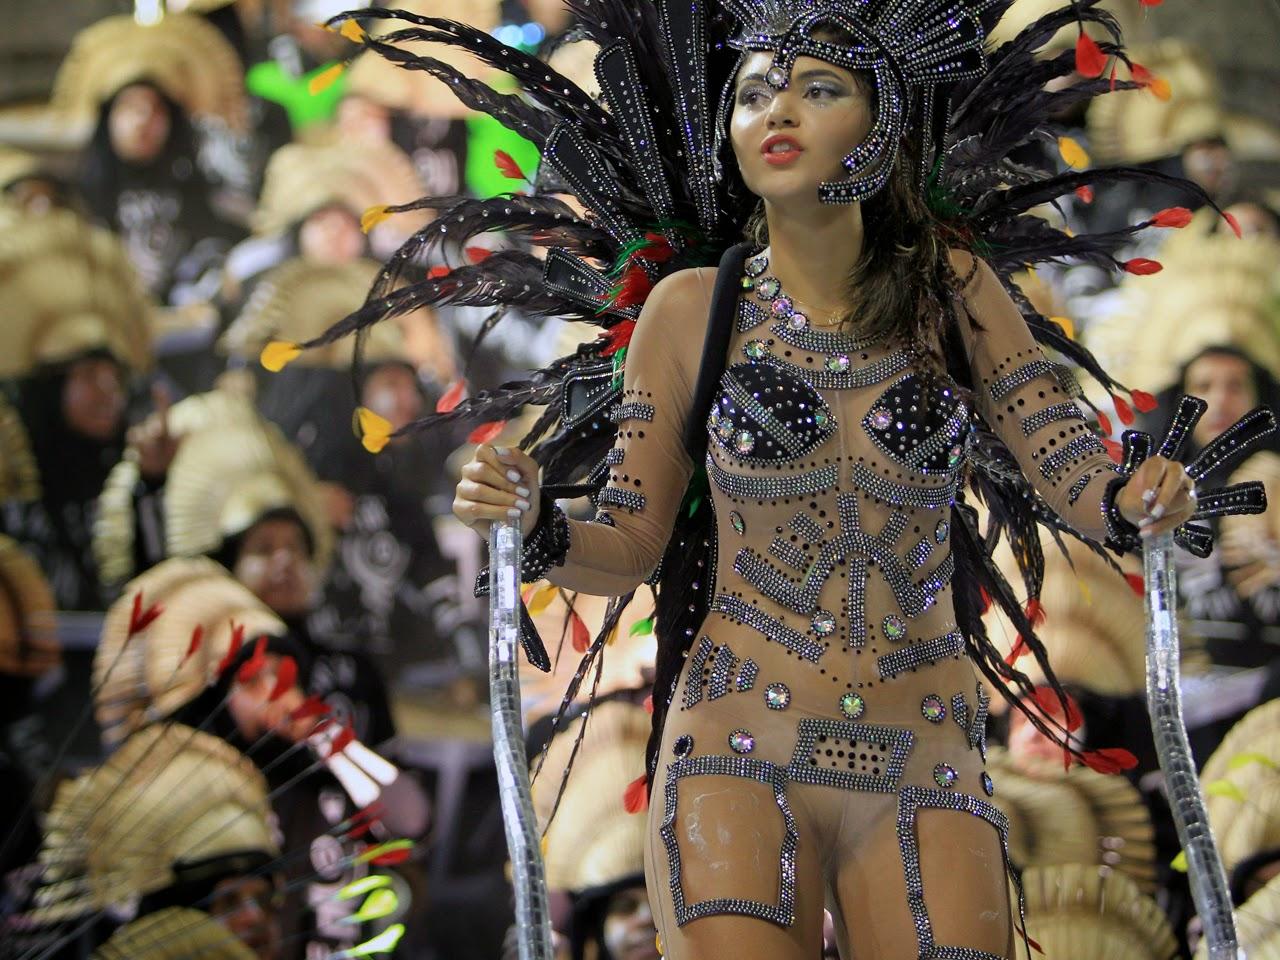 Carnival in Rio de Janeiro 2012